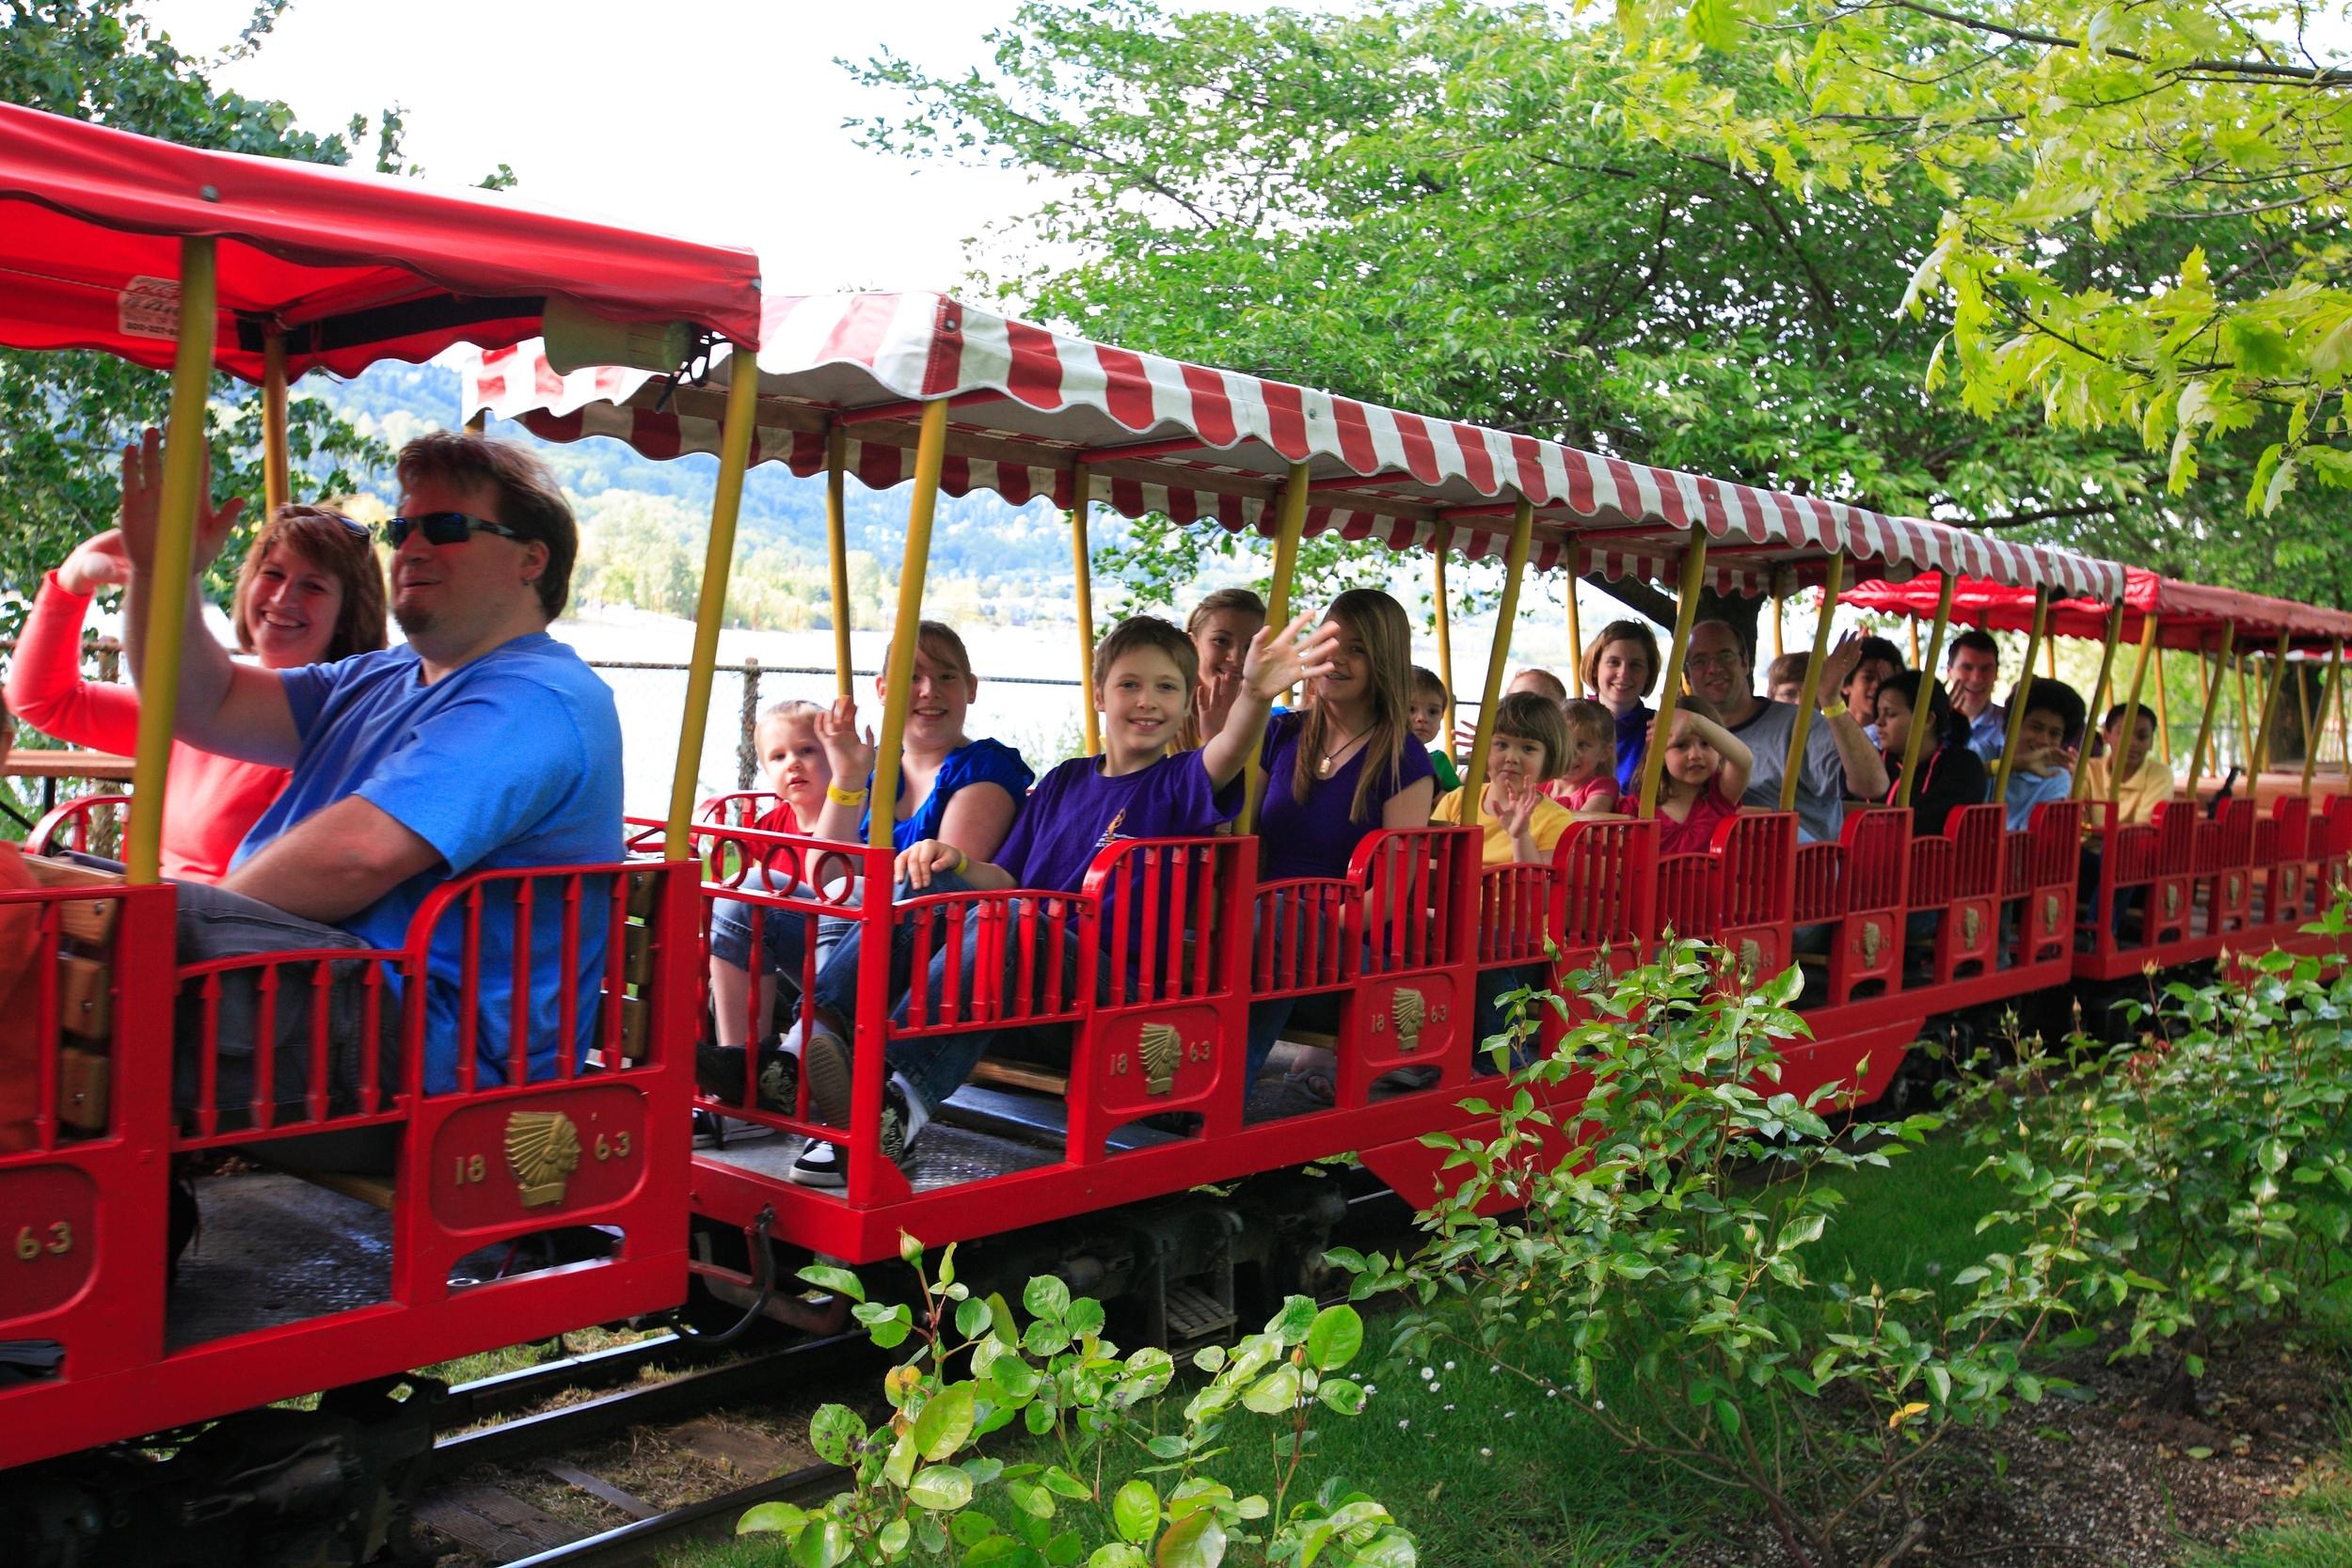 7/Oaks Amusement Park